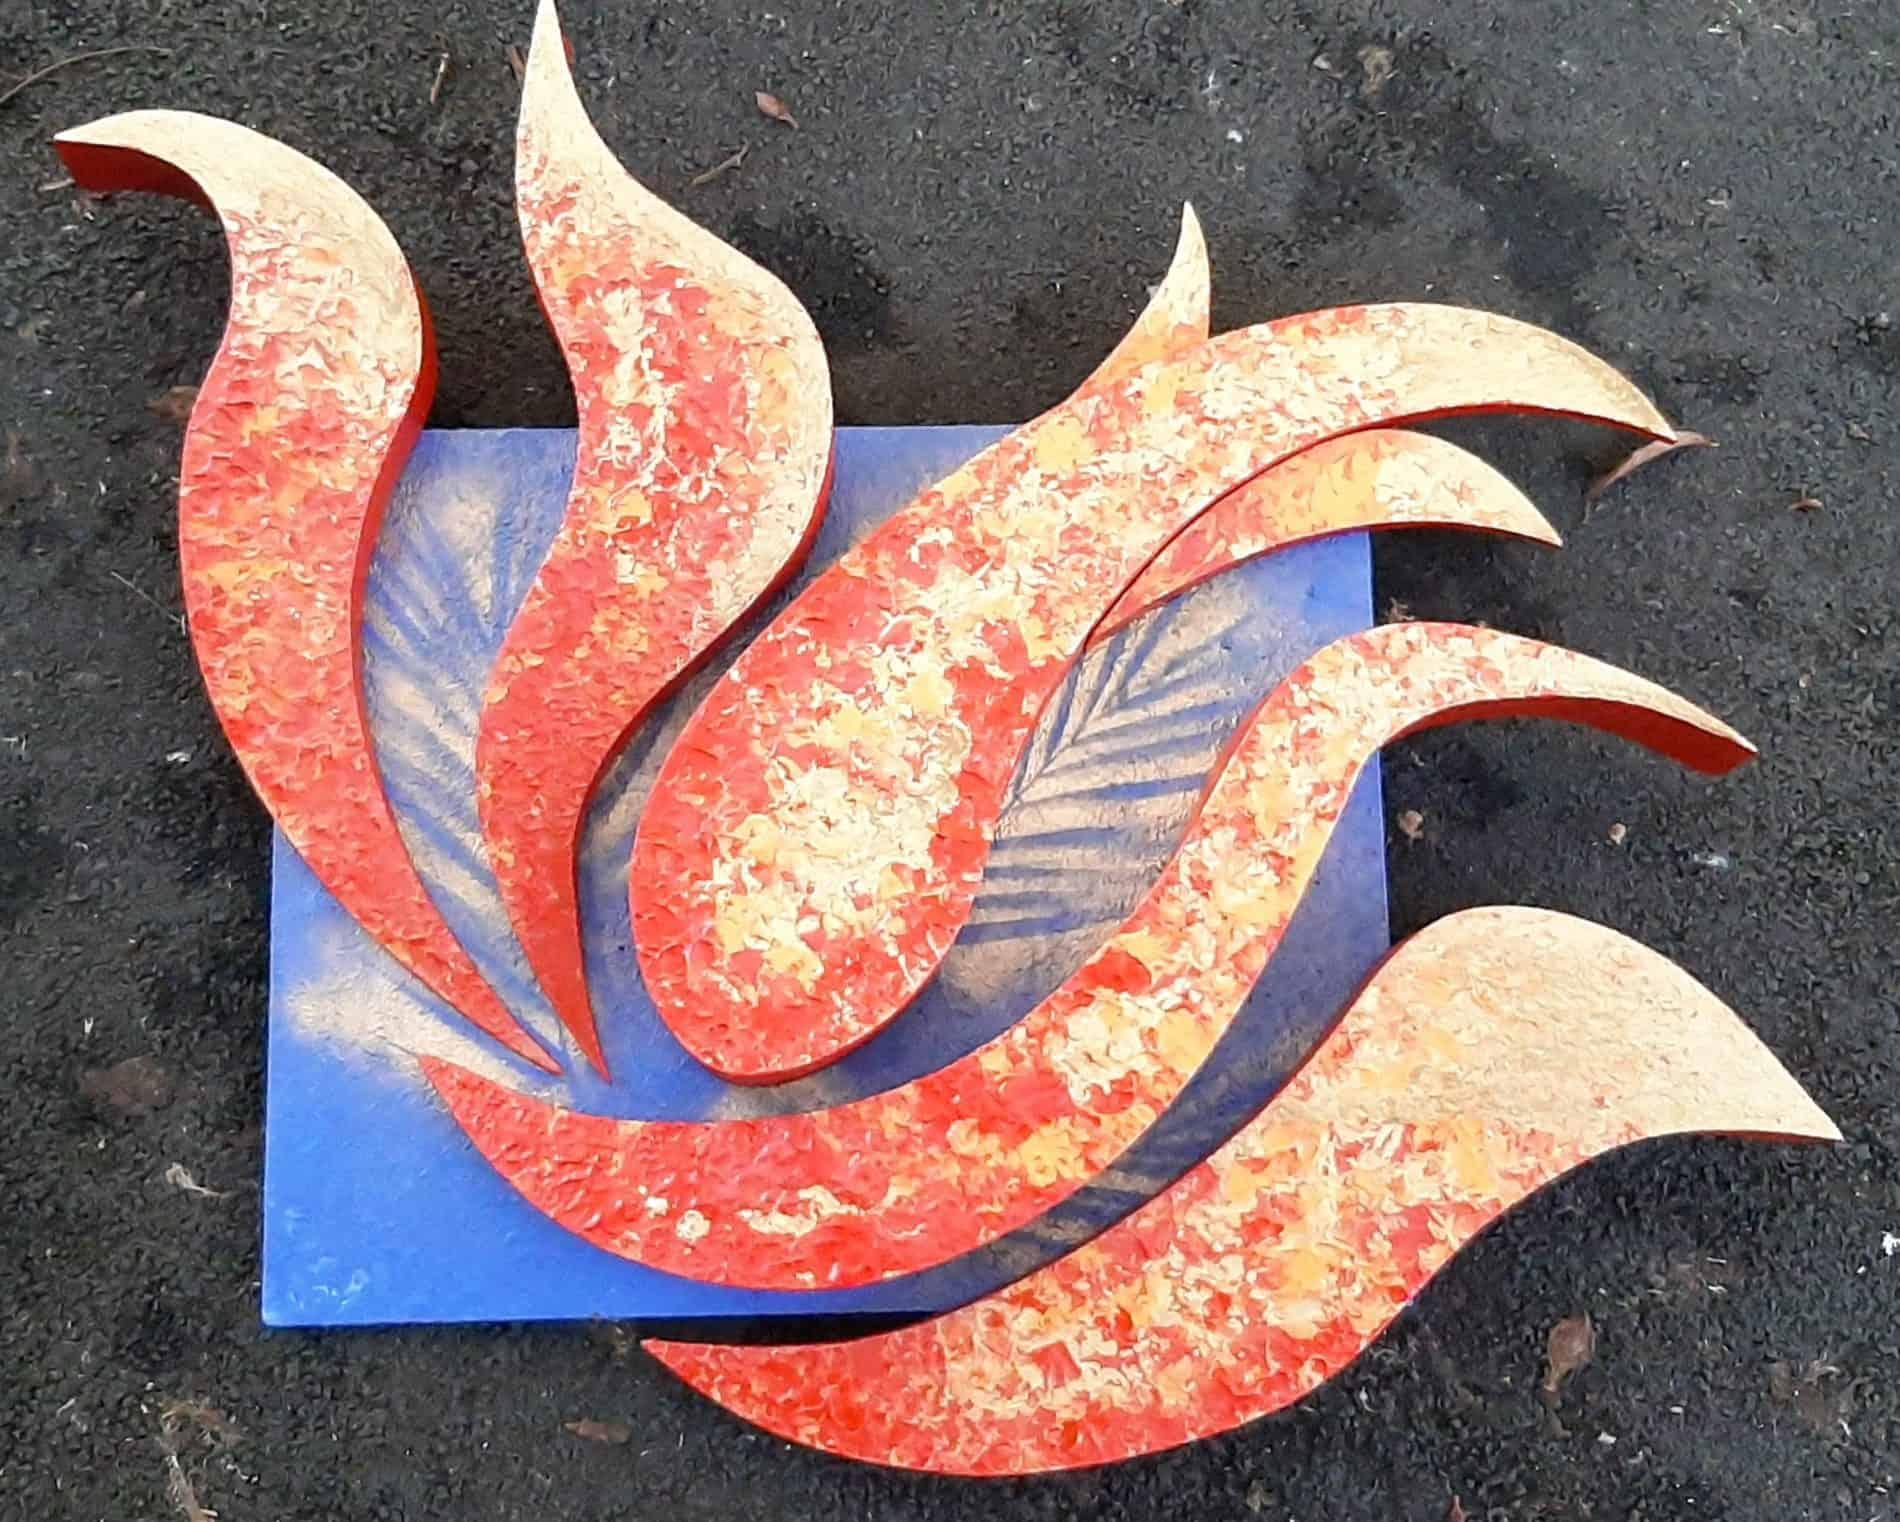 mauritian-artist-yusuf-makey-mix-alien-flower